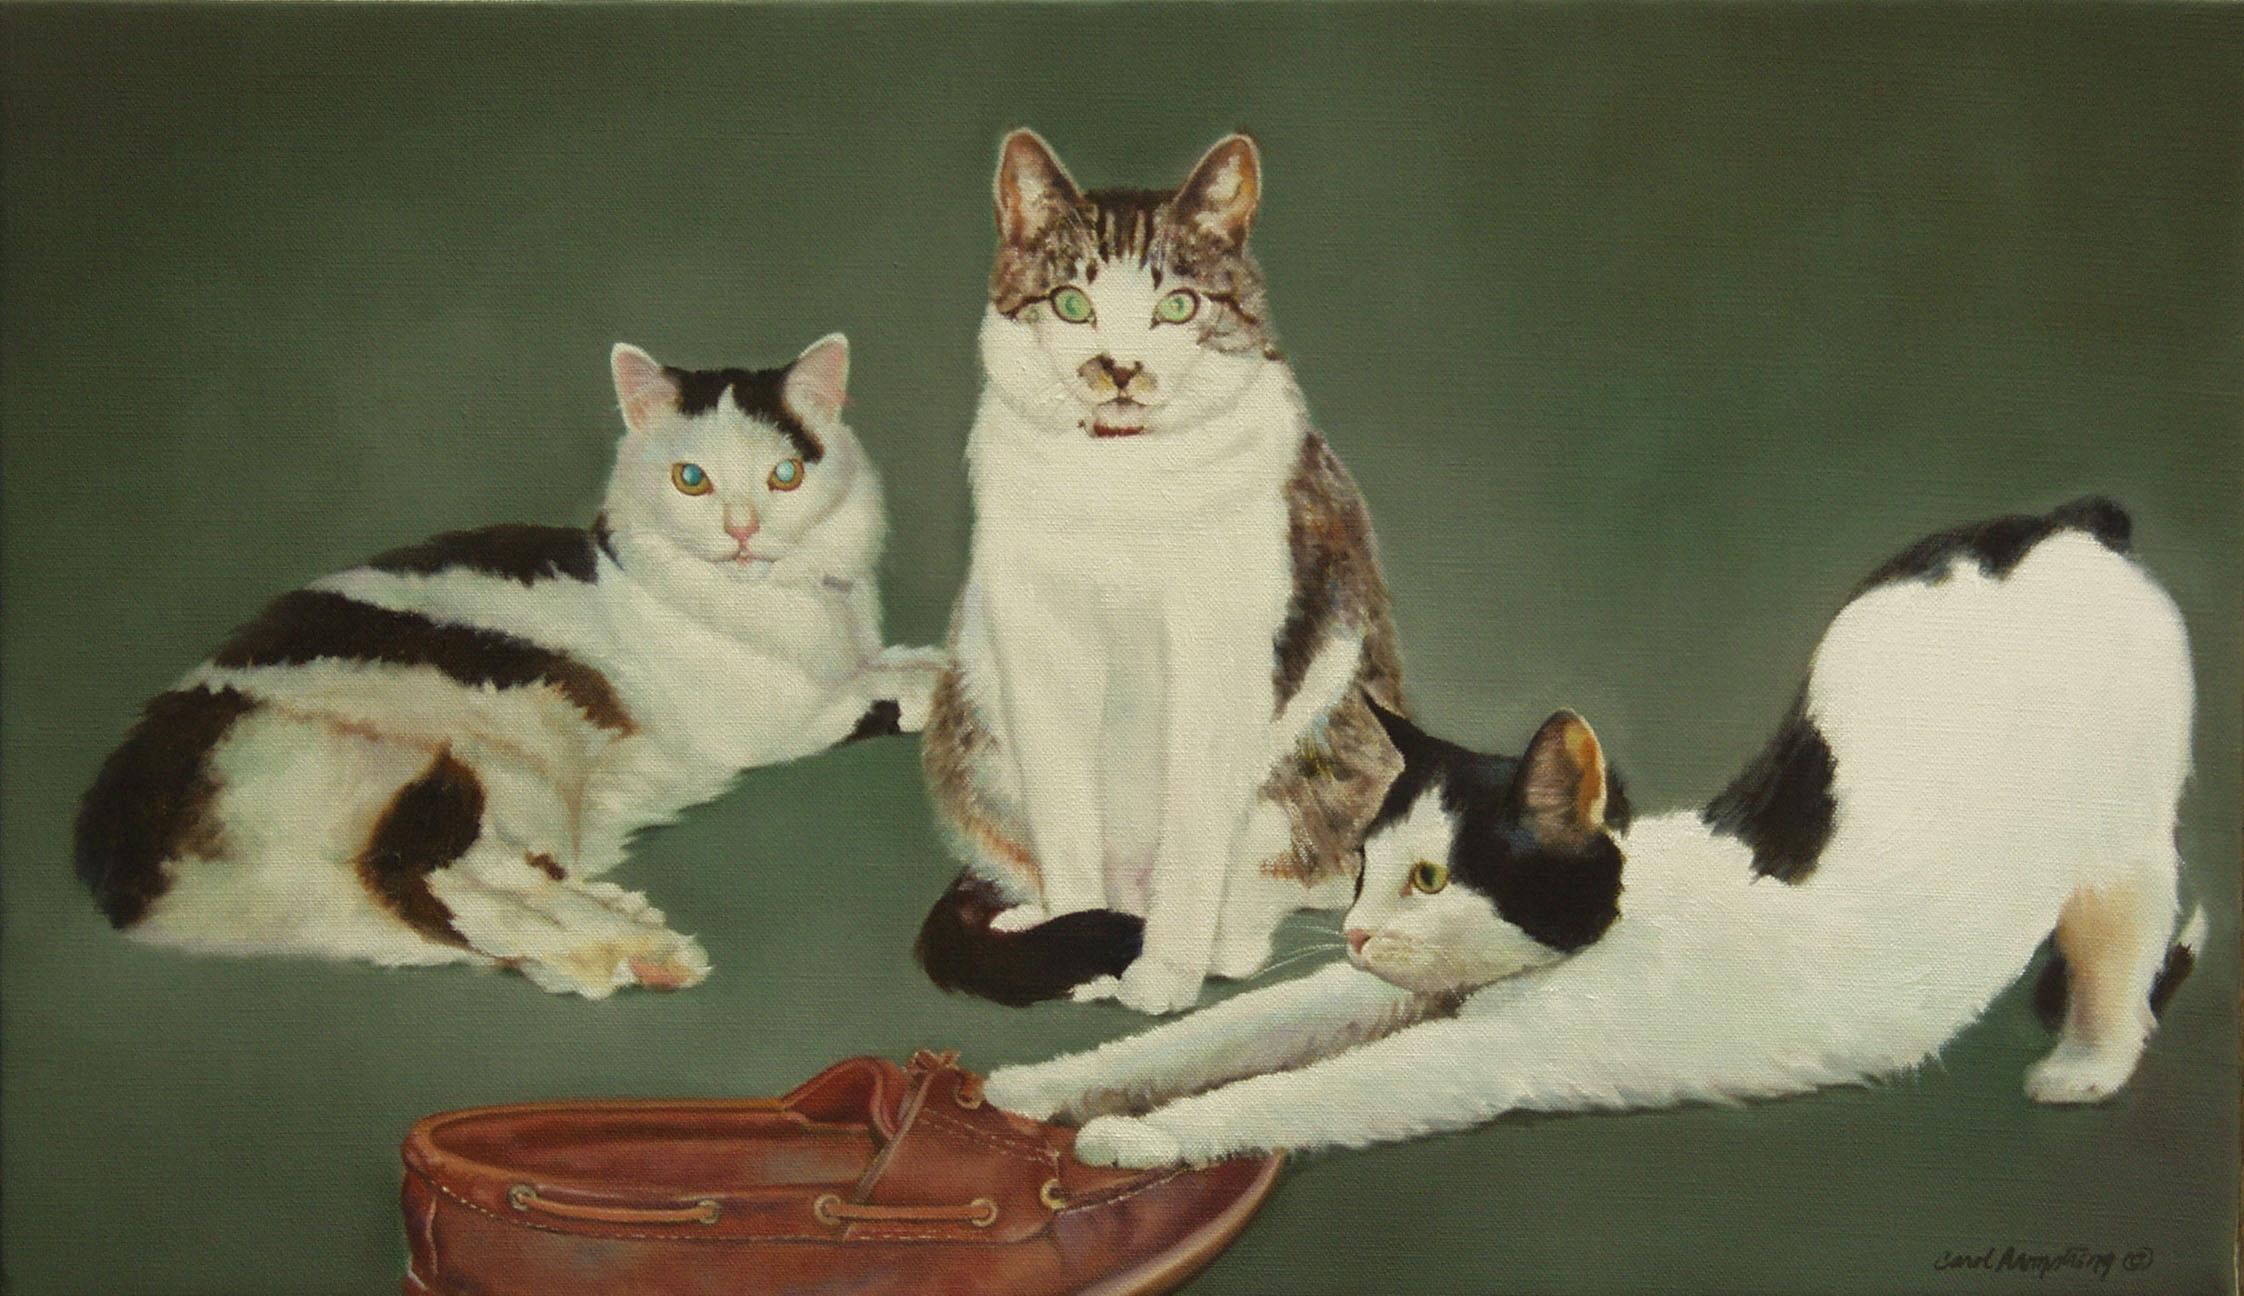 Randy's Cats